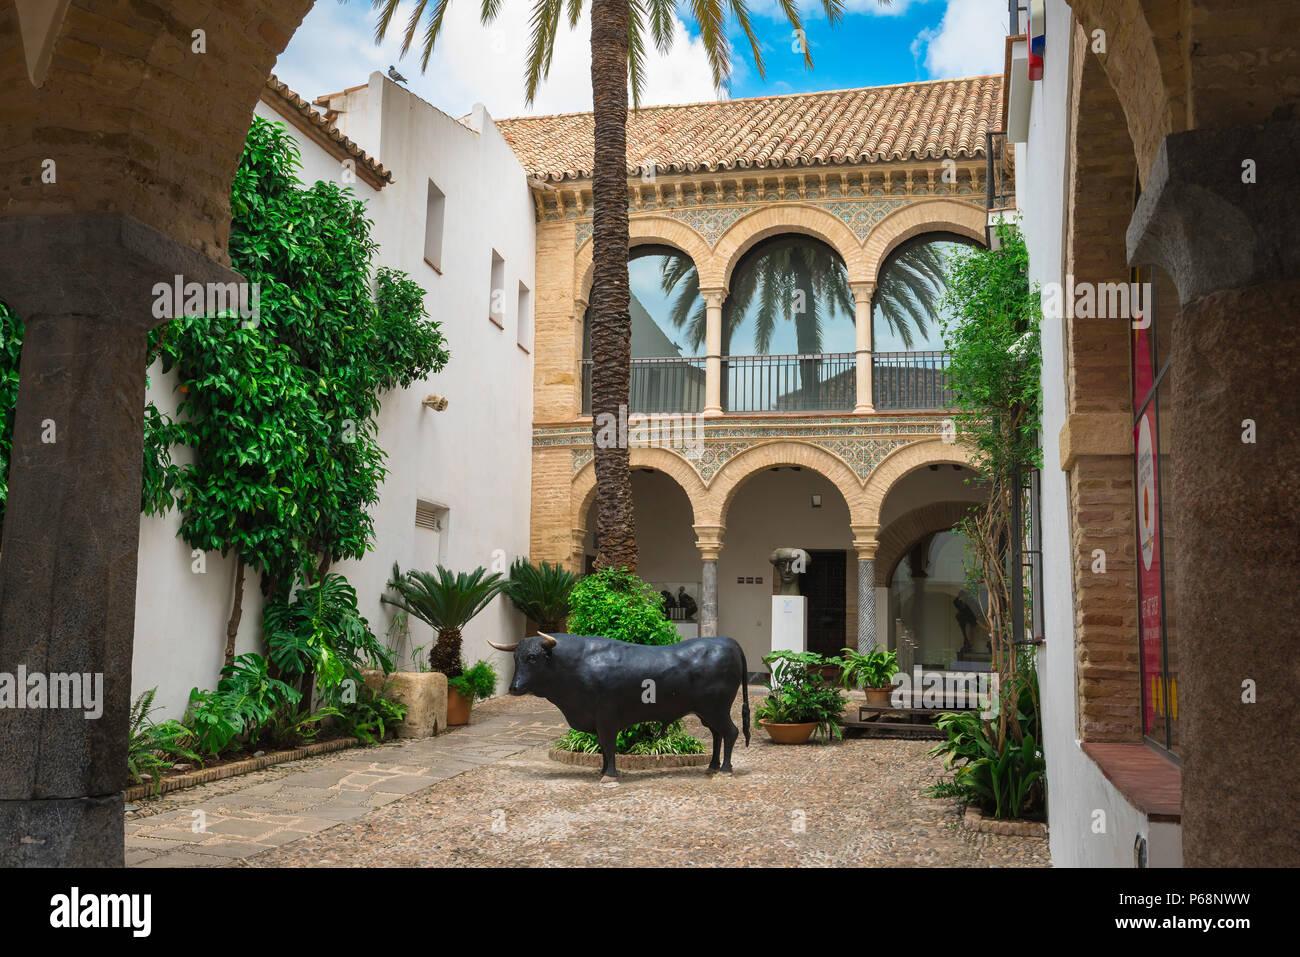 Cordoba Taurino, vista del patio típicamente andaluza del Museo Taurino (Museo Taurino) en Córdoba (Córdoba), Andalucía, España. Imagen De Stock